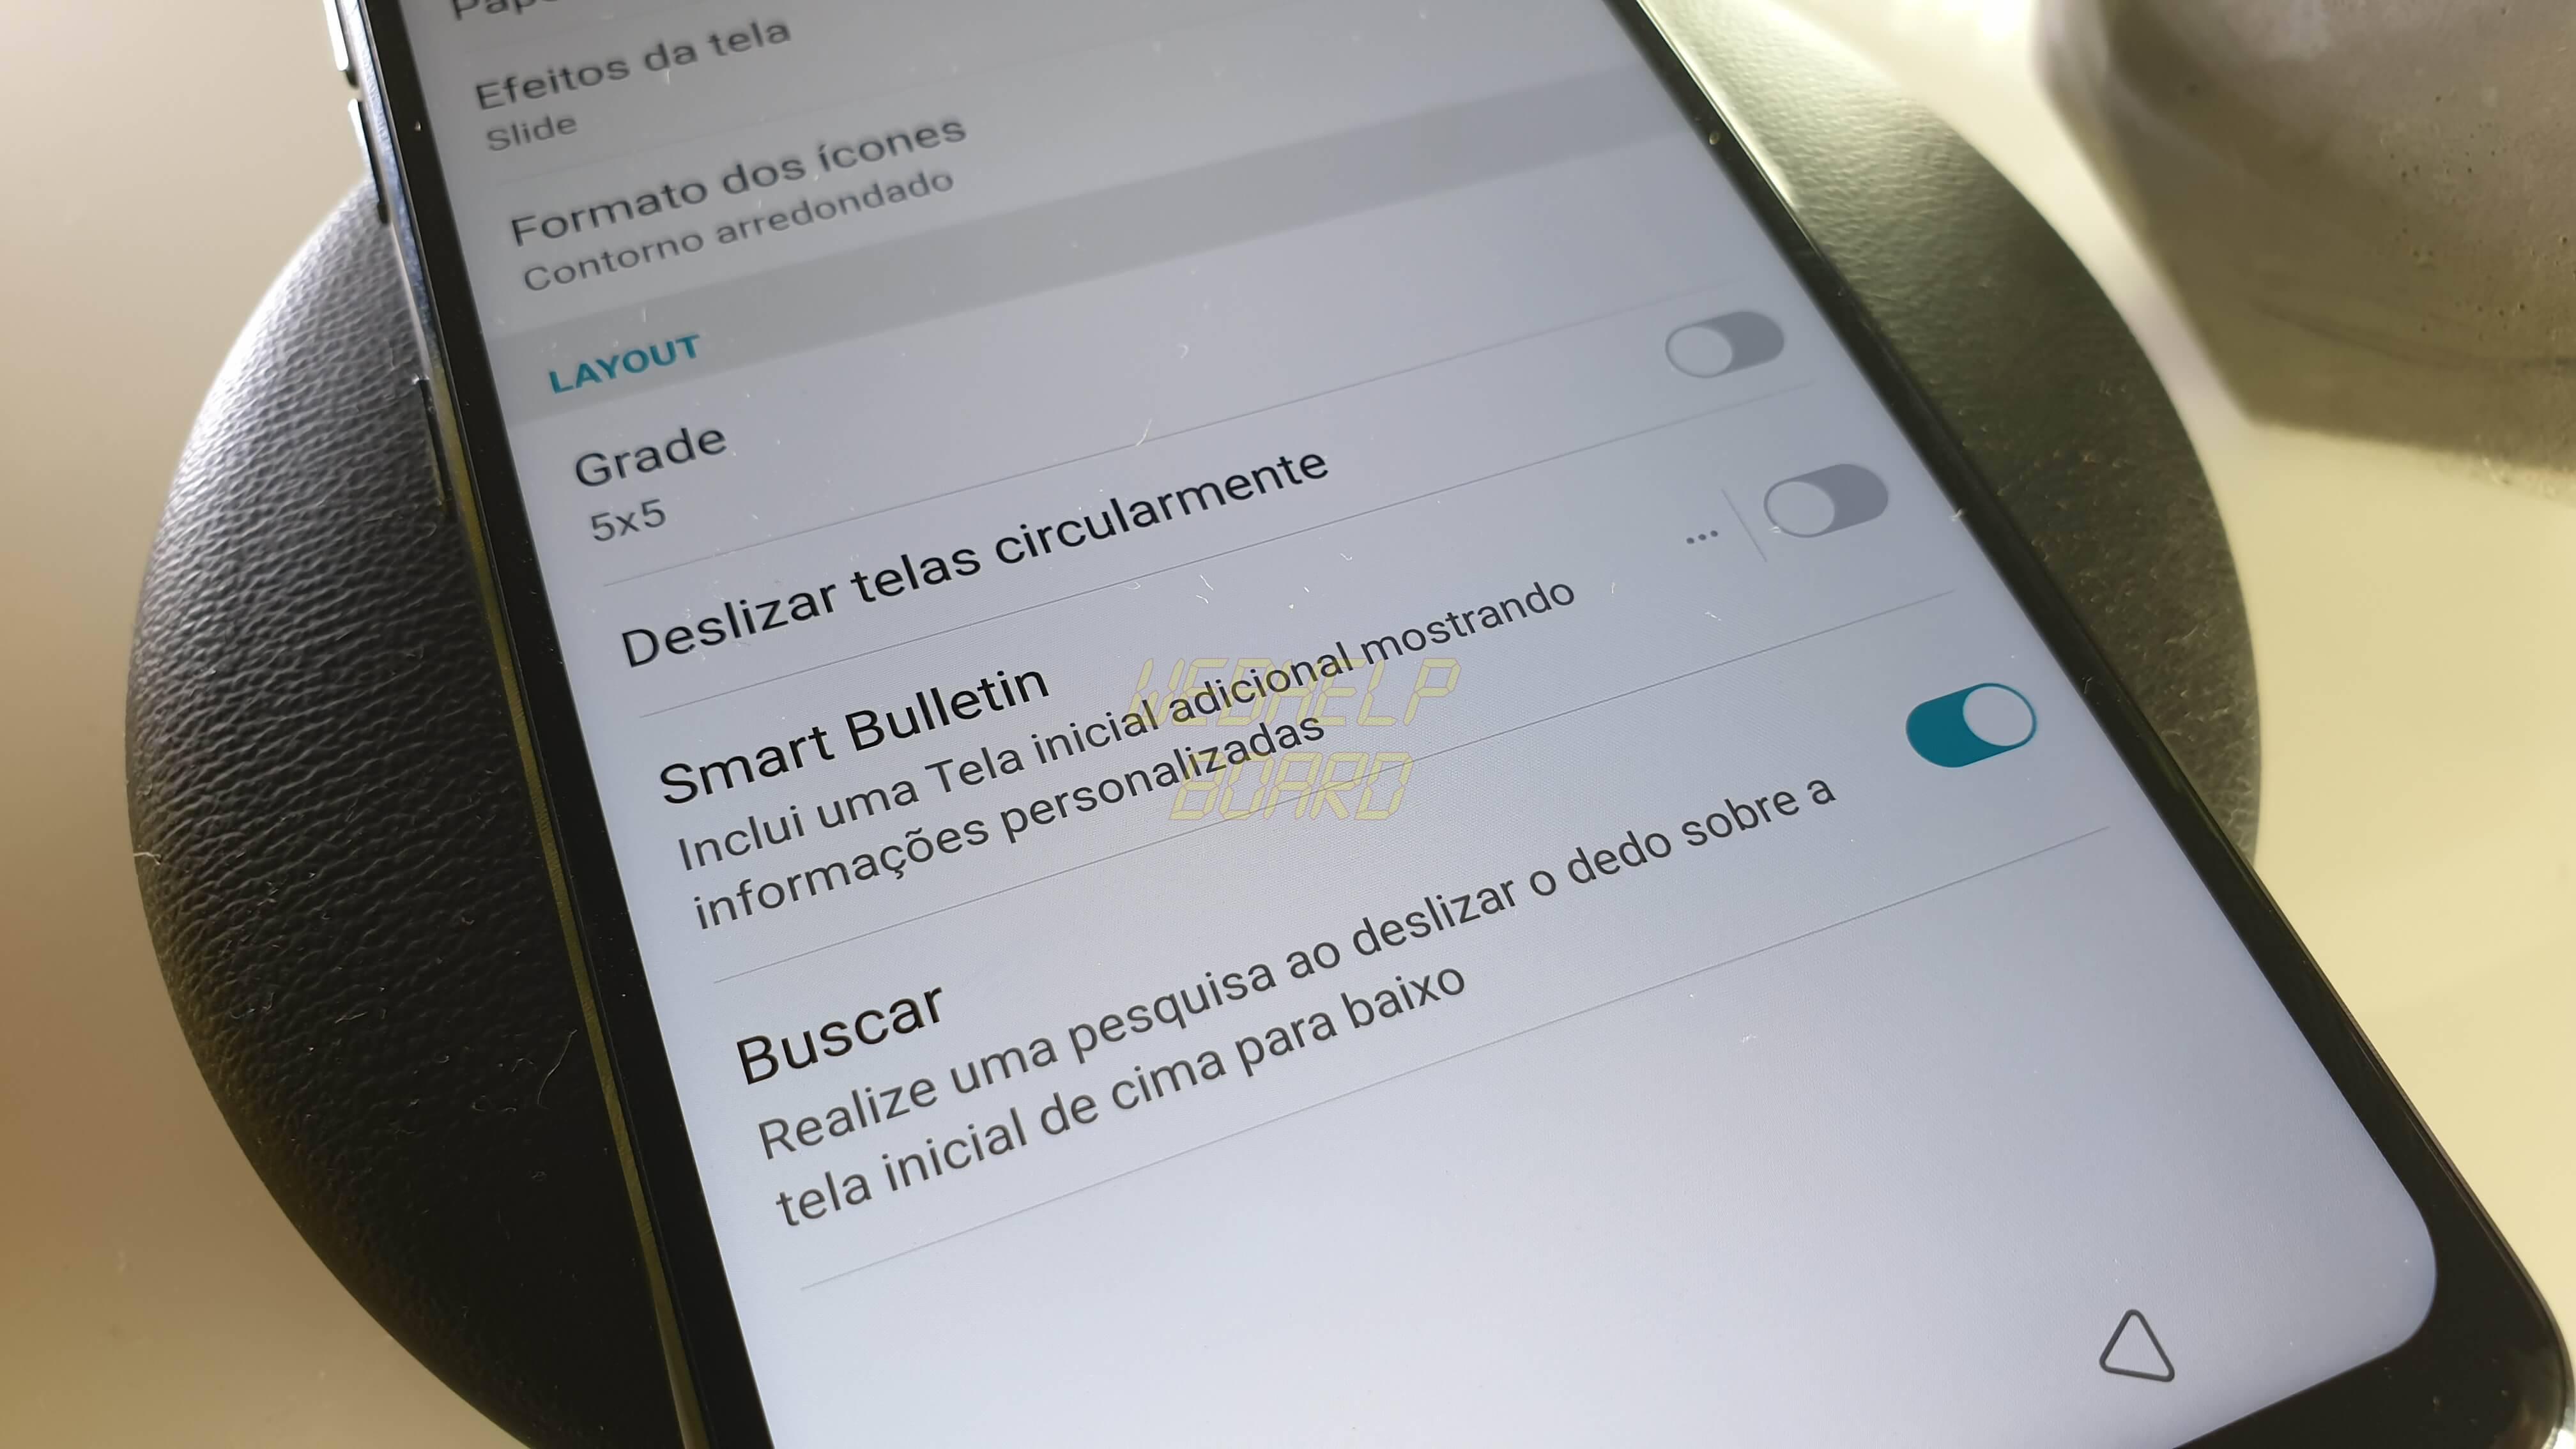 20181130 171554 - LG G7 ThinQ: dicas e truques para aproveitar ao máximo o smartphone